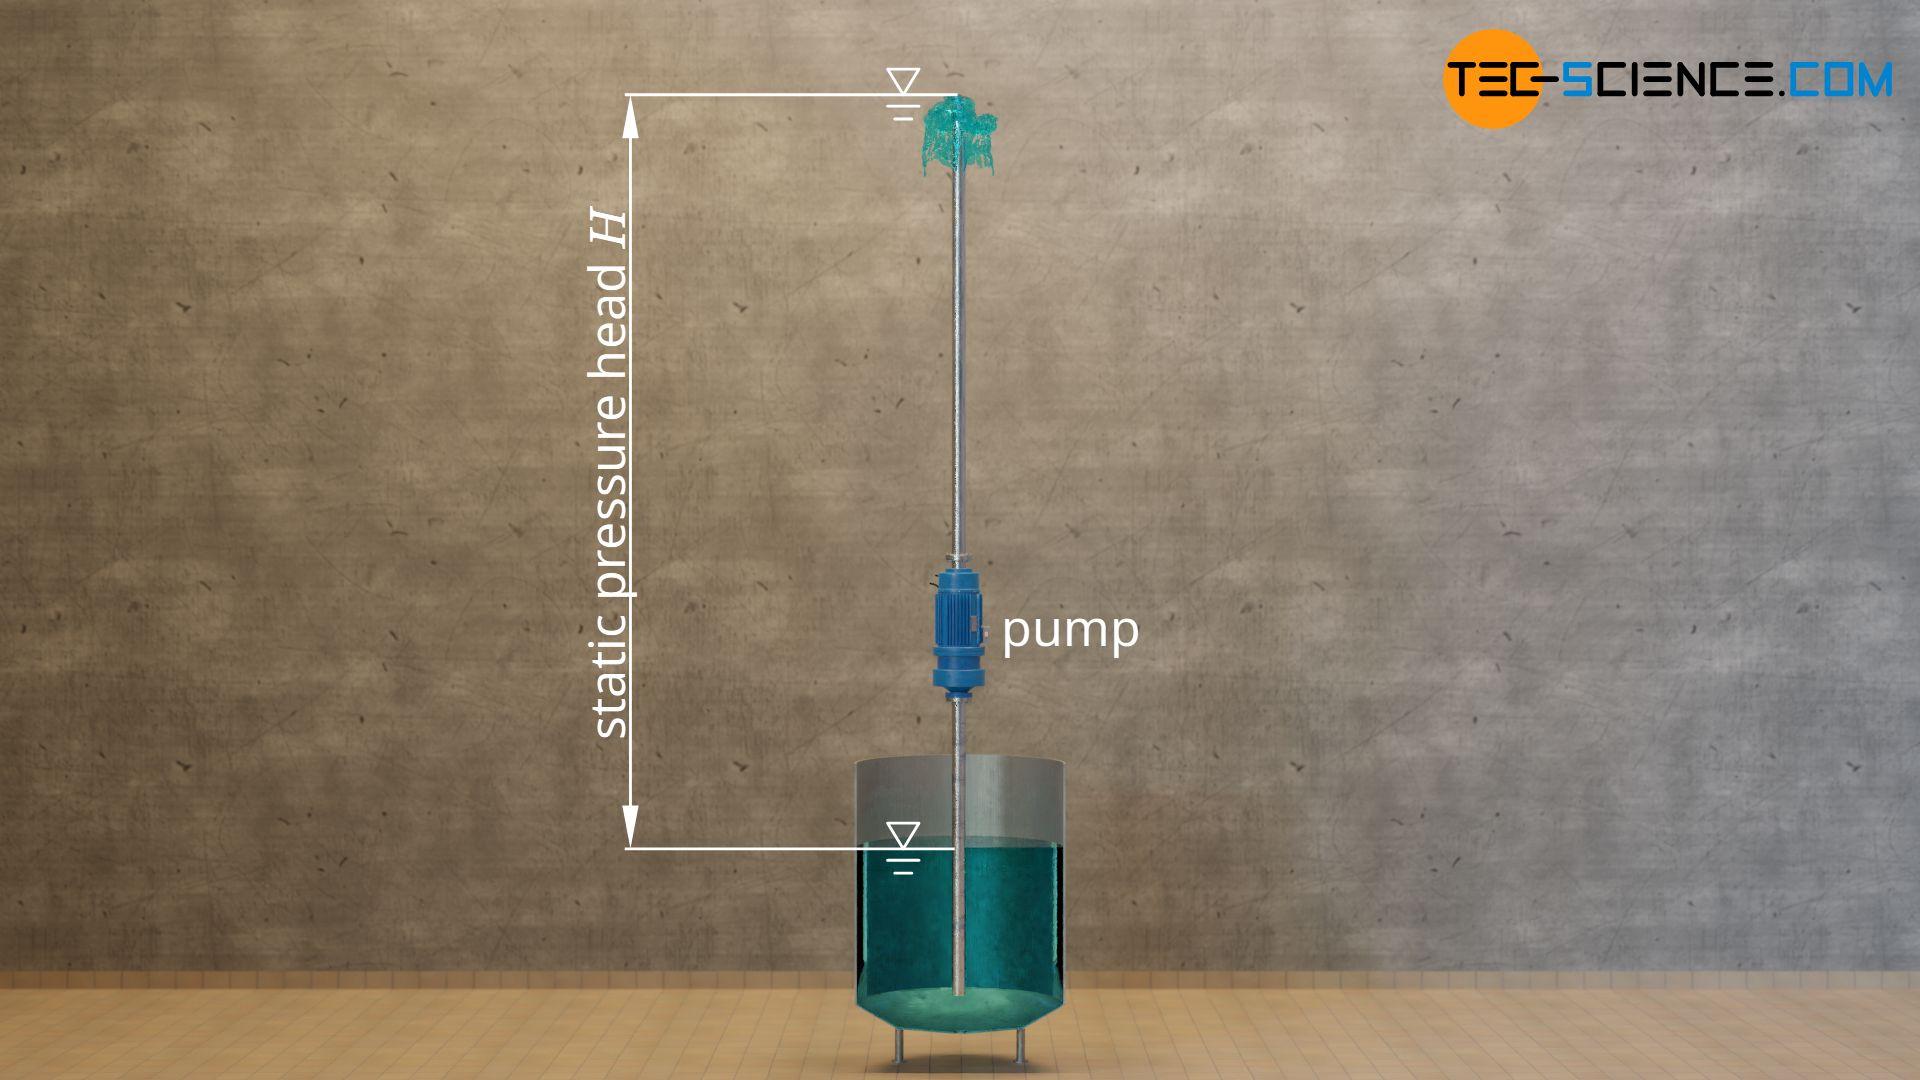 Static pressure head of a pump